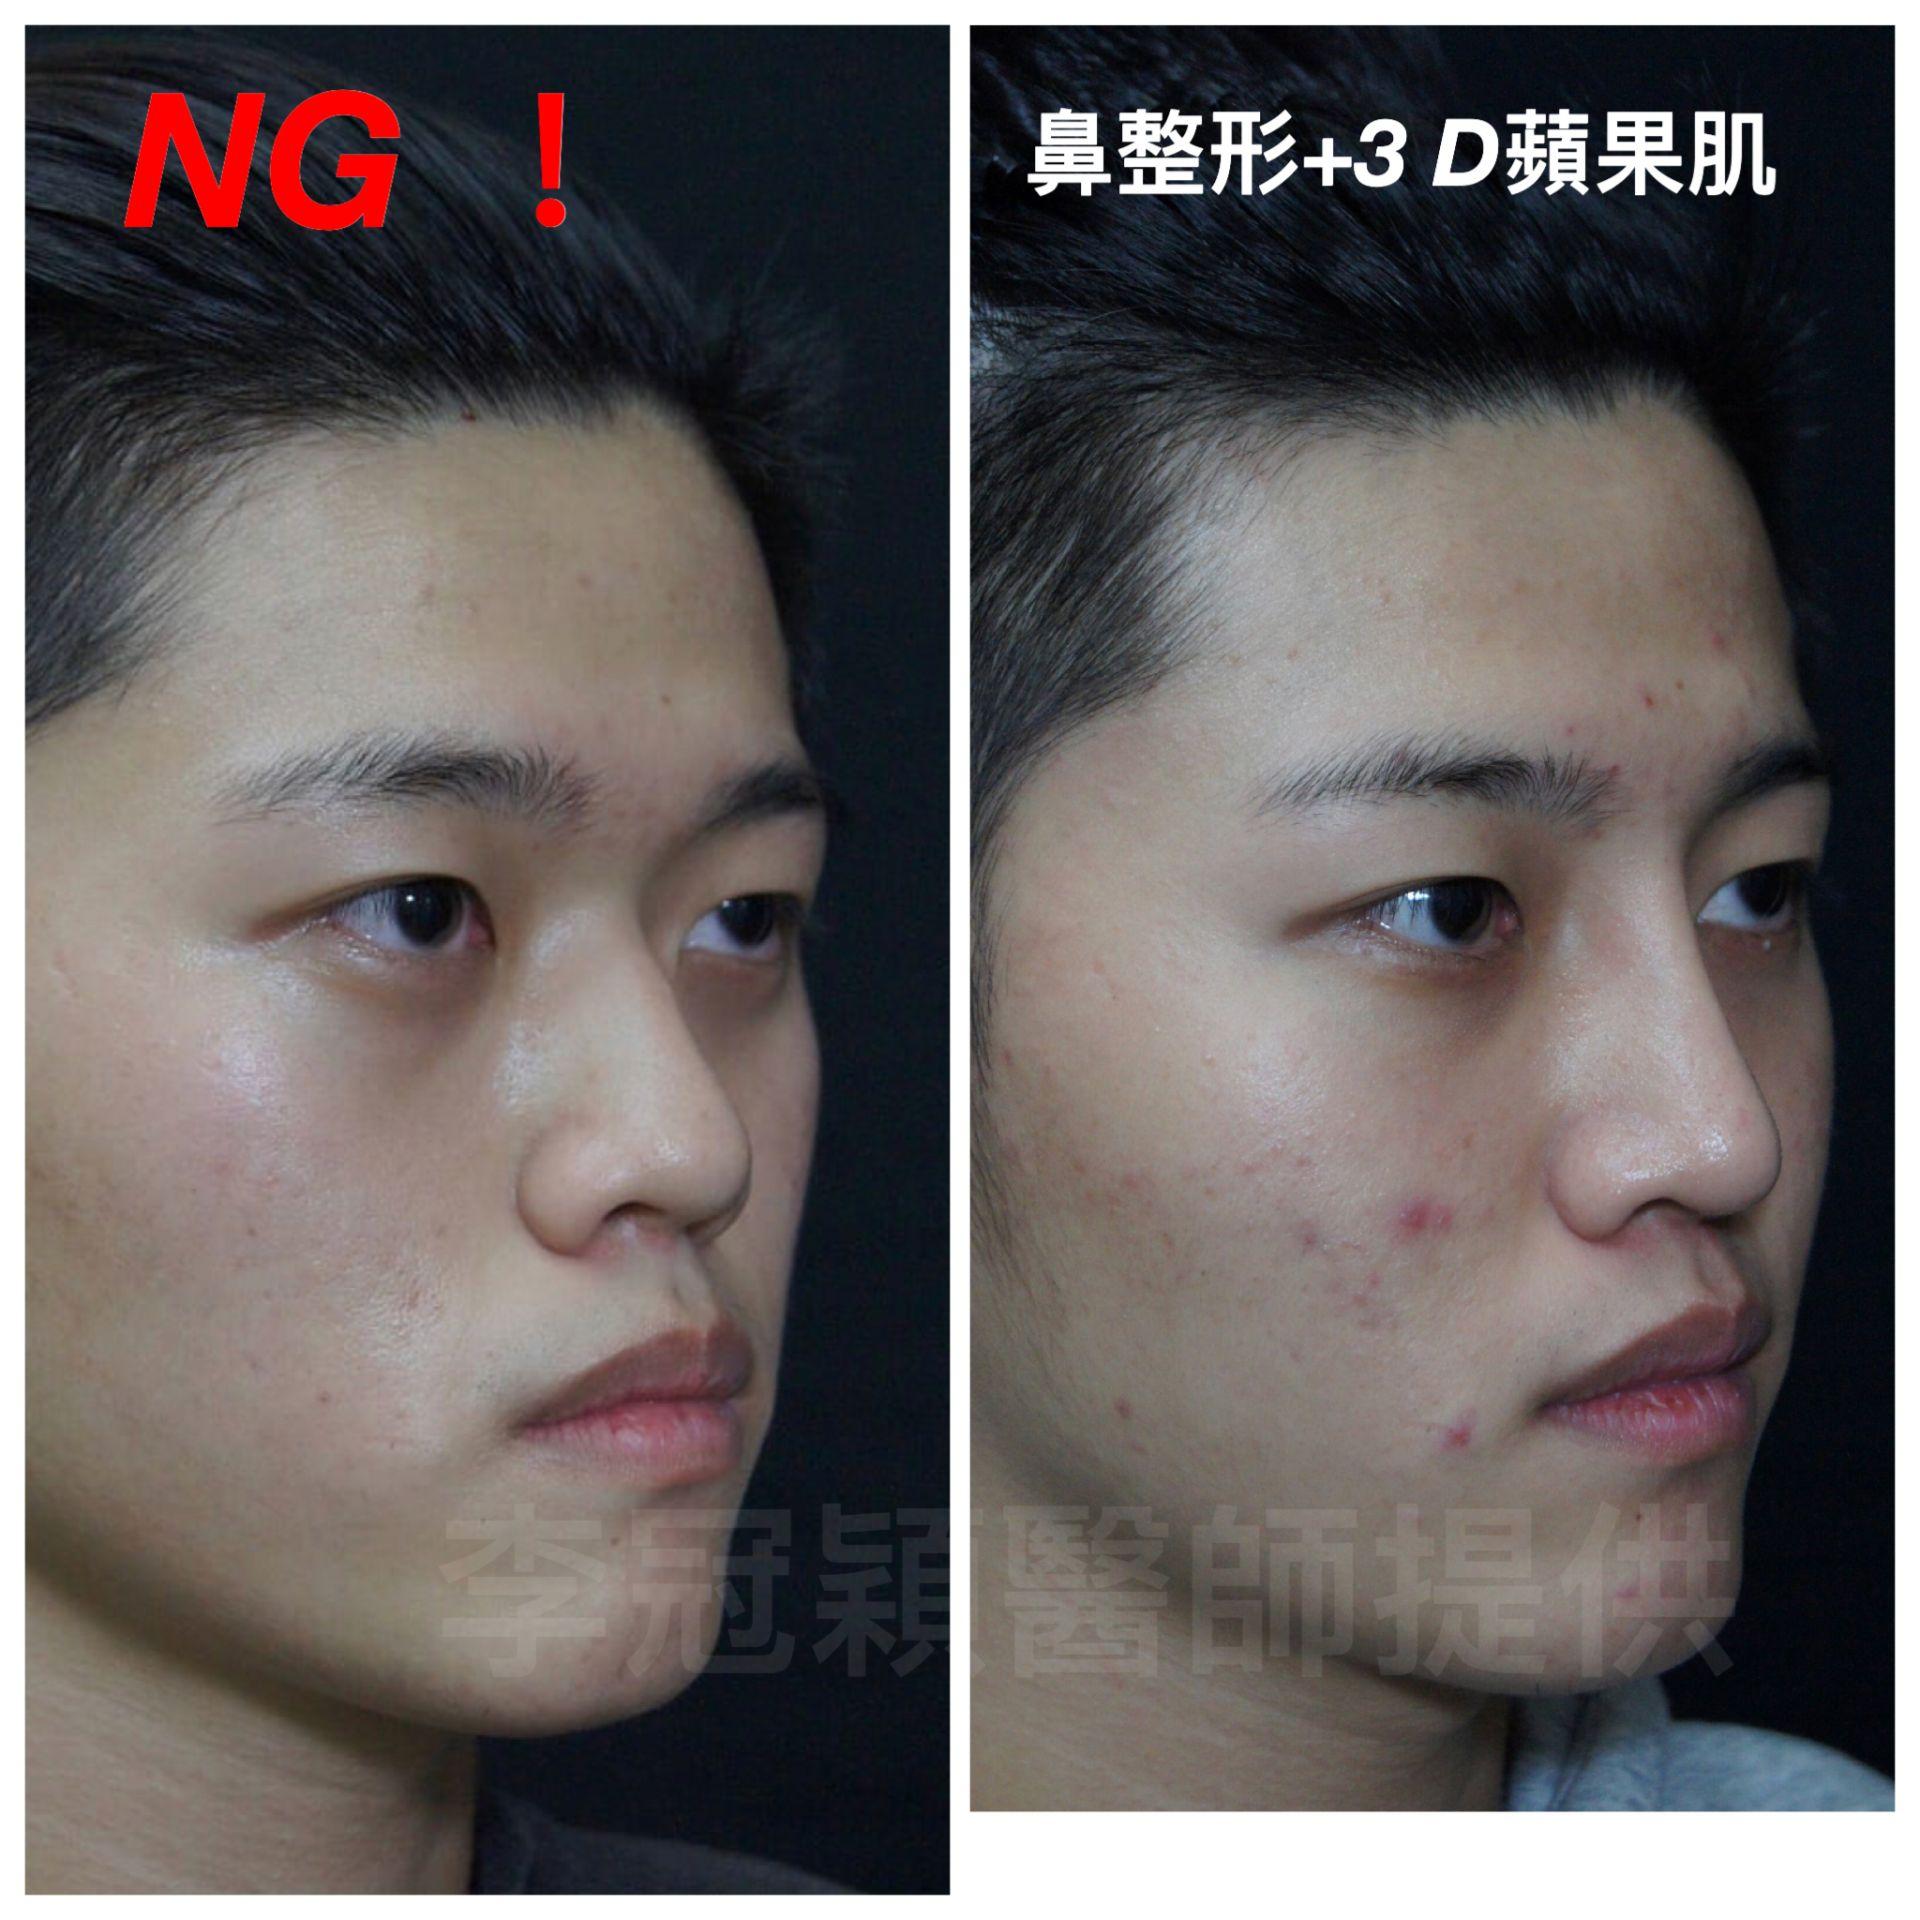 台中李冠穎醫師男性隆鼻案例